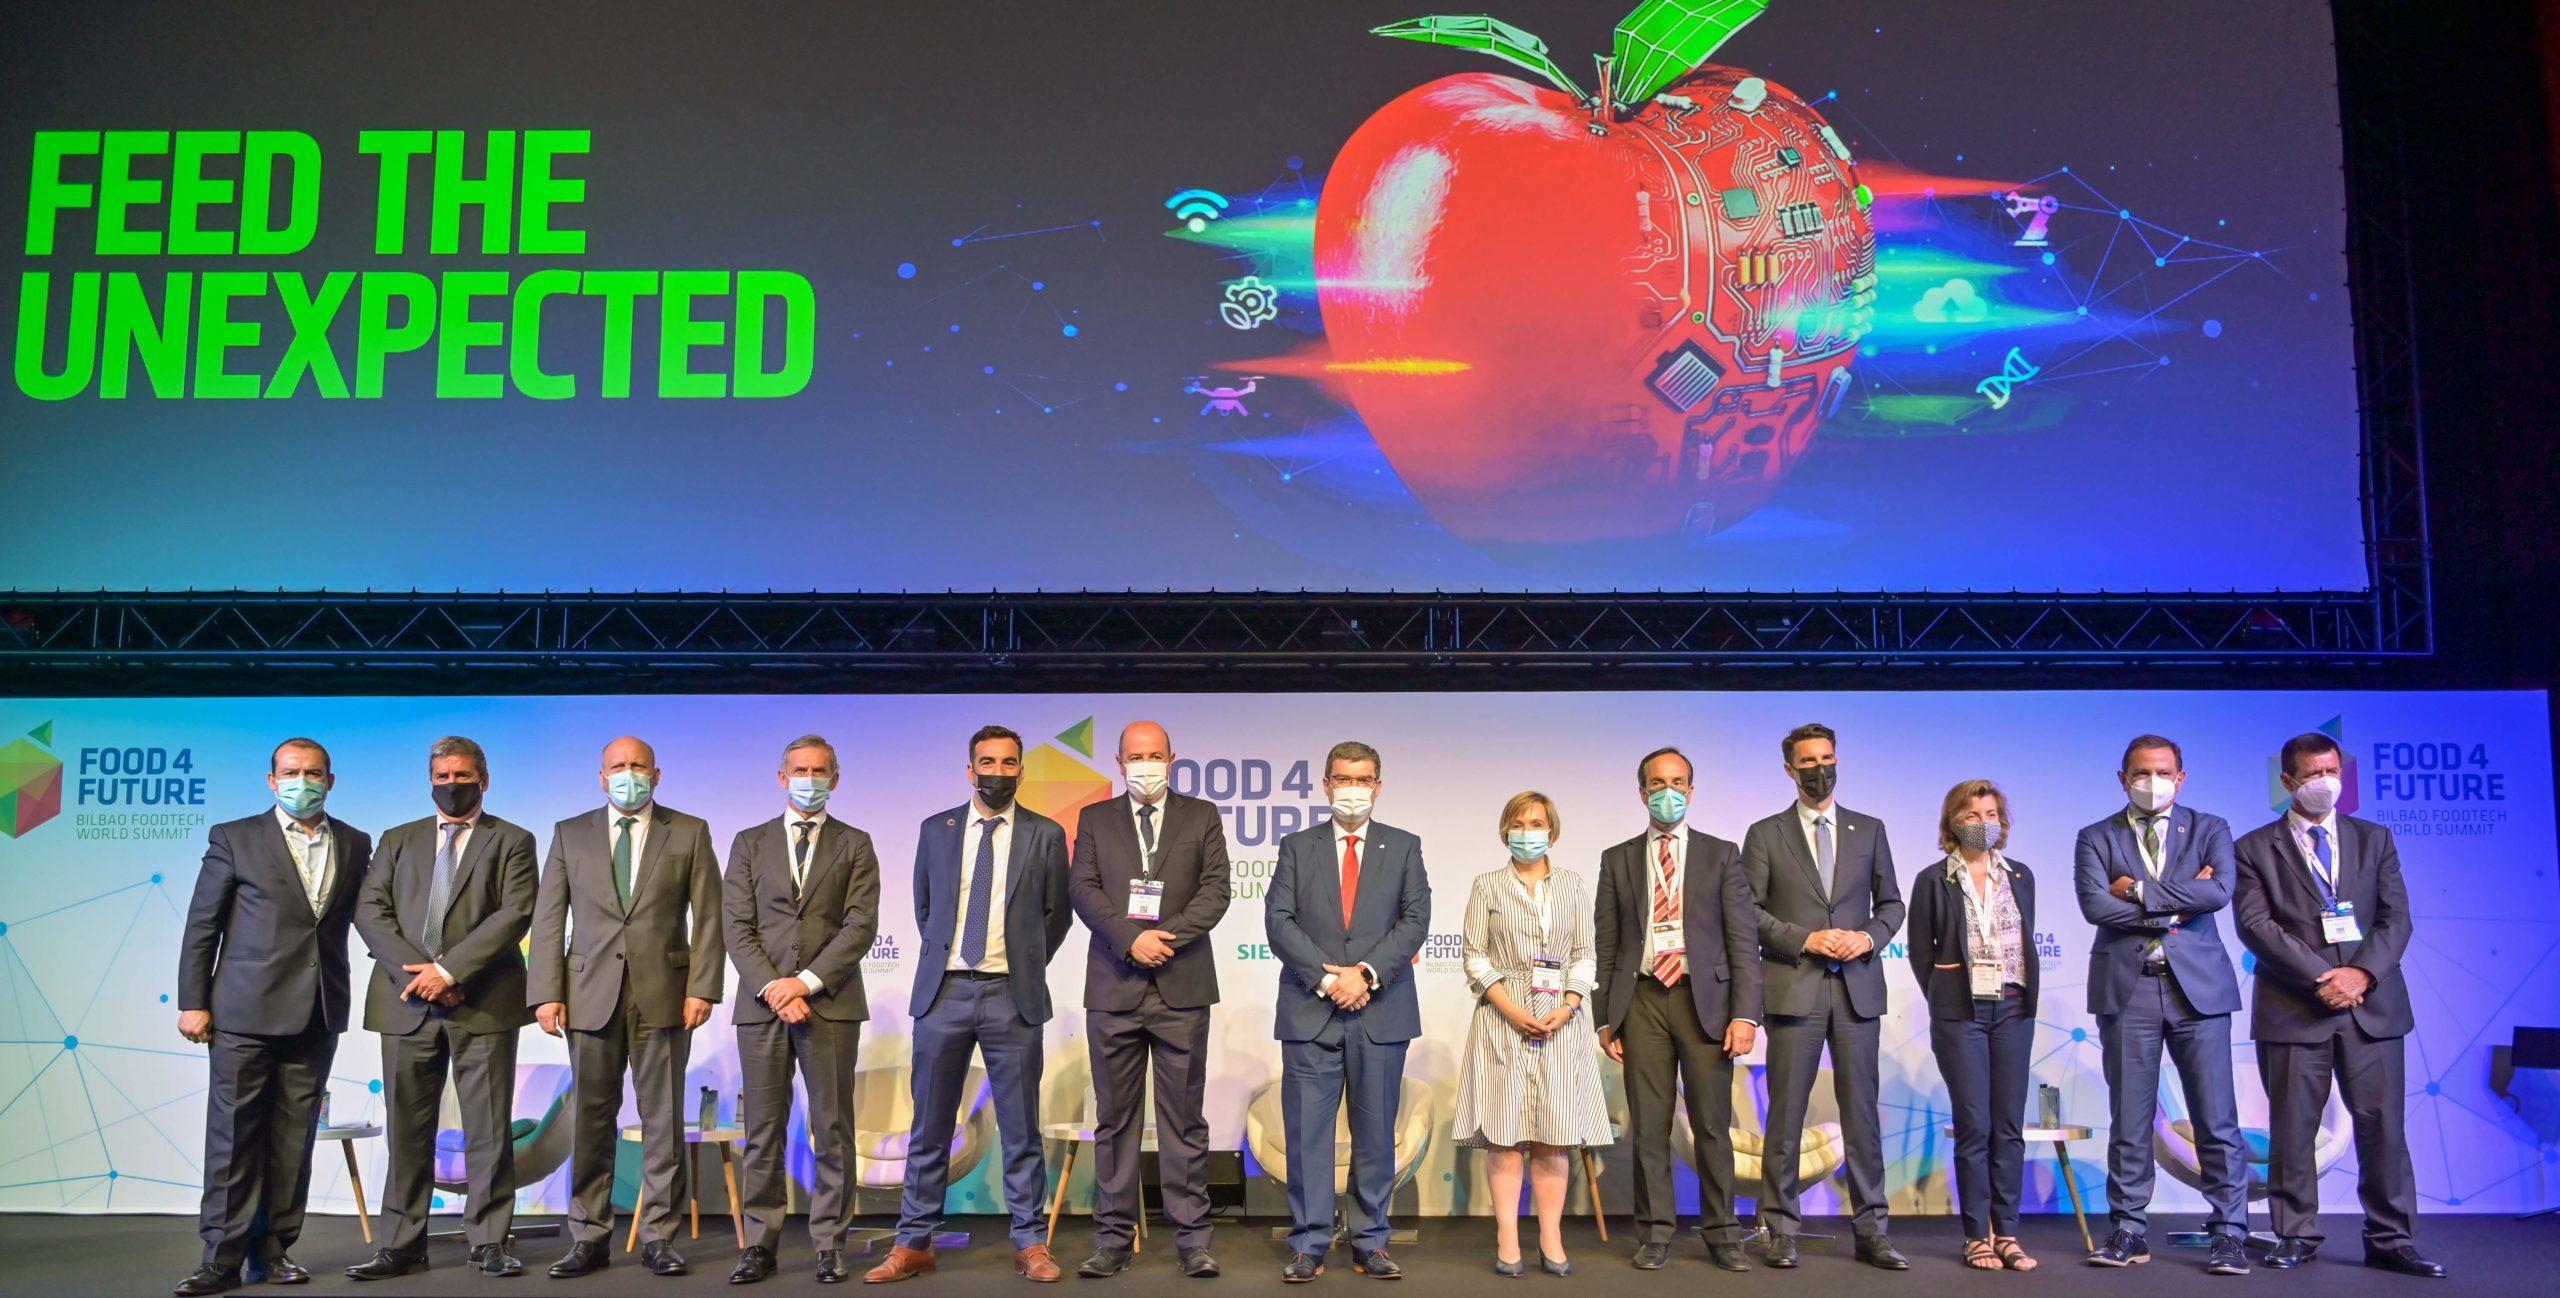 El alcalde de Bilbao y Gobierno Vasco presiden la ceremonia inaugural de Food 4 Future en Bilbao